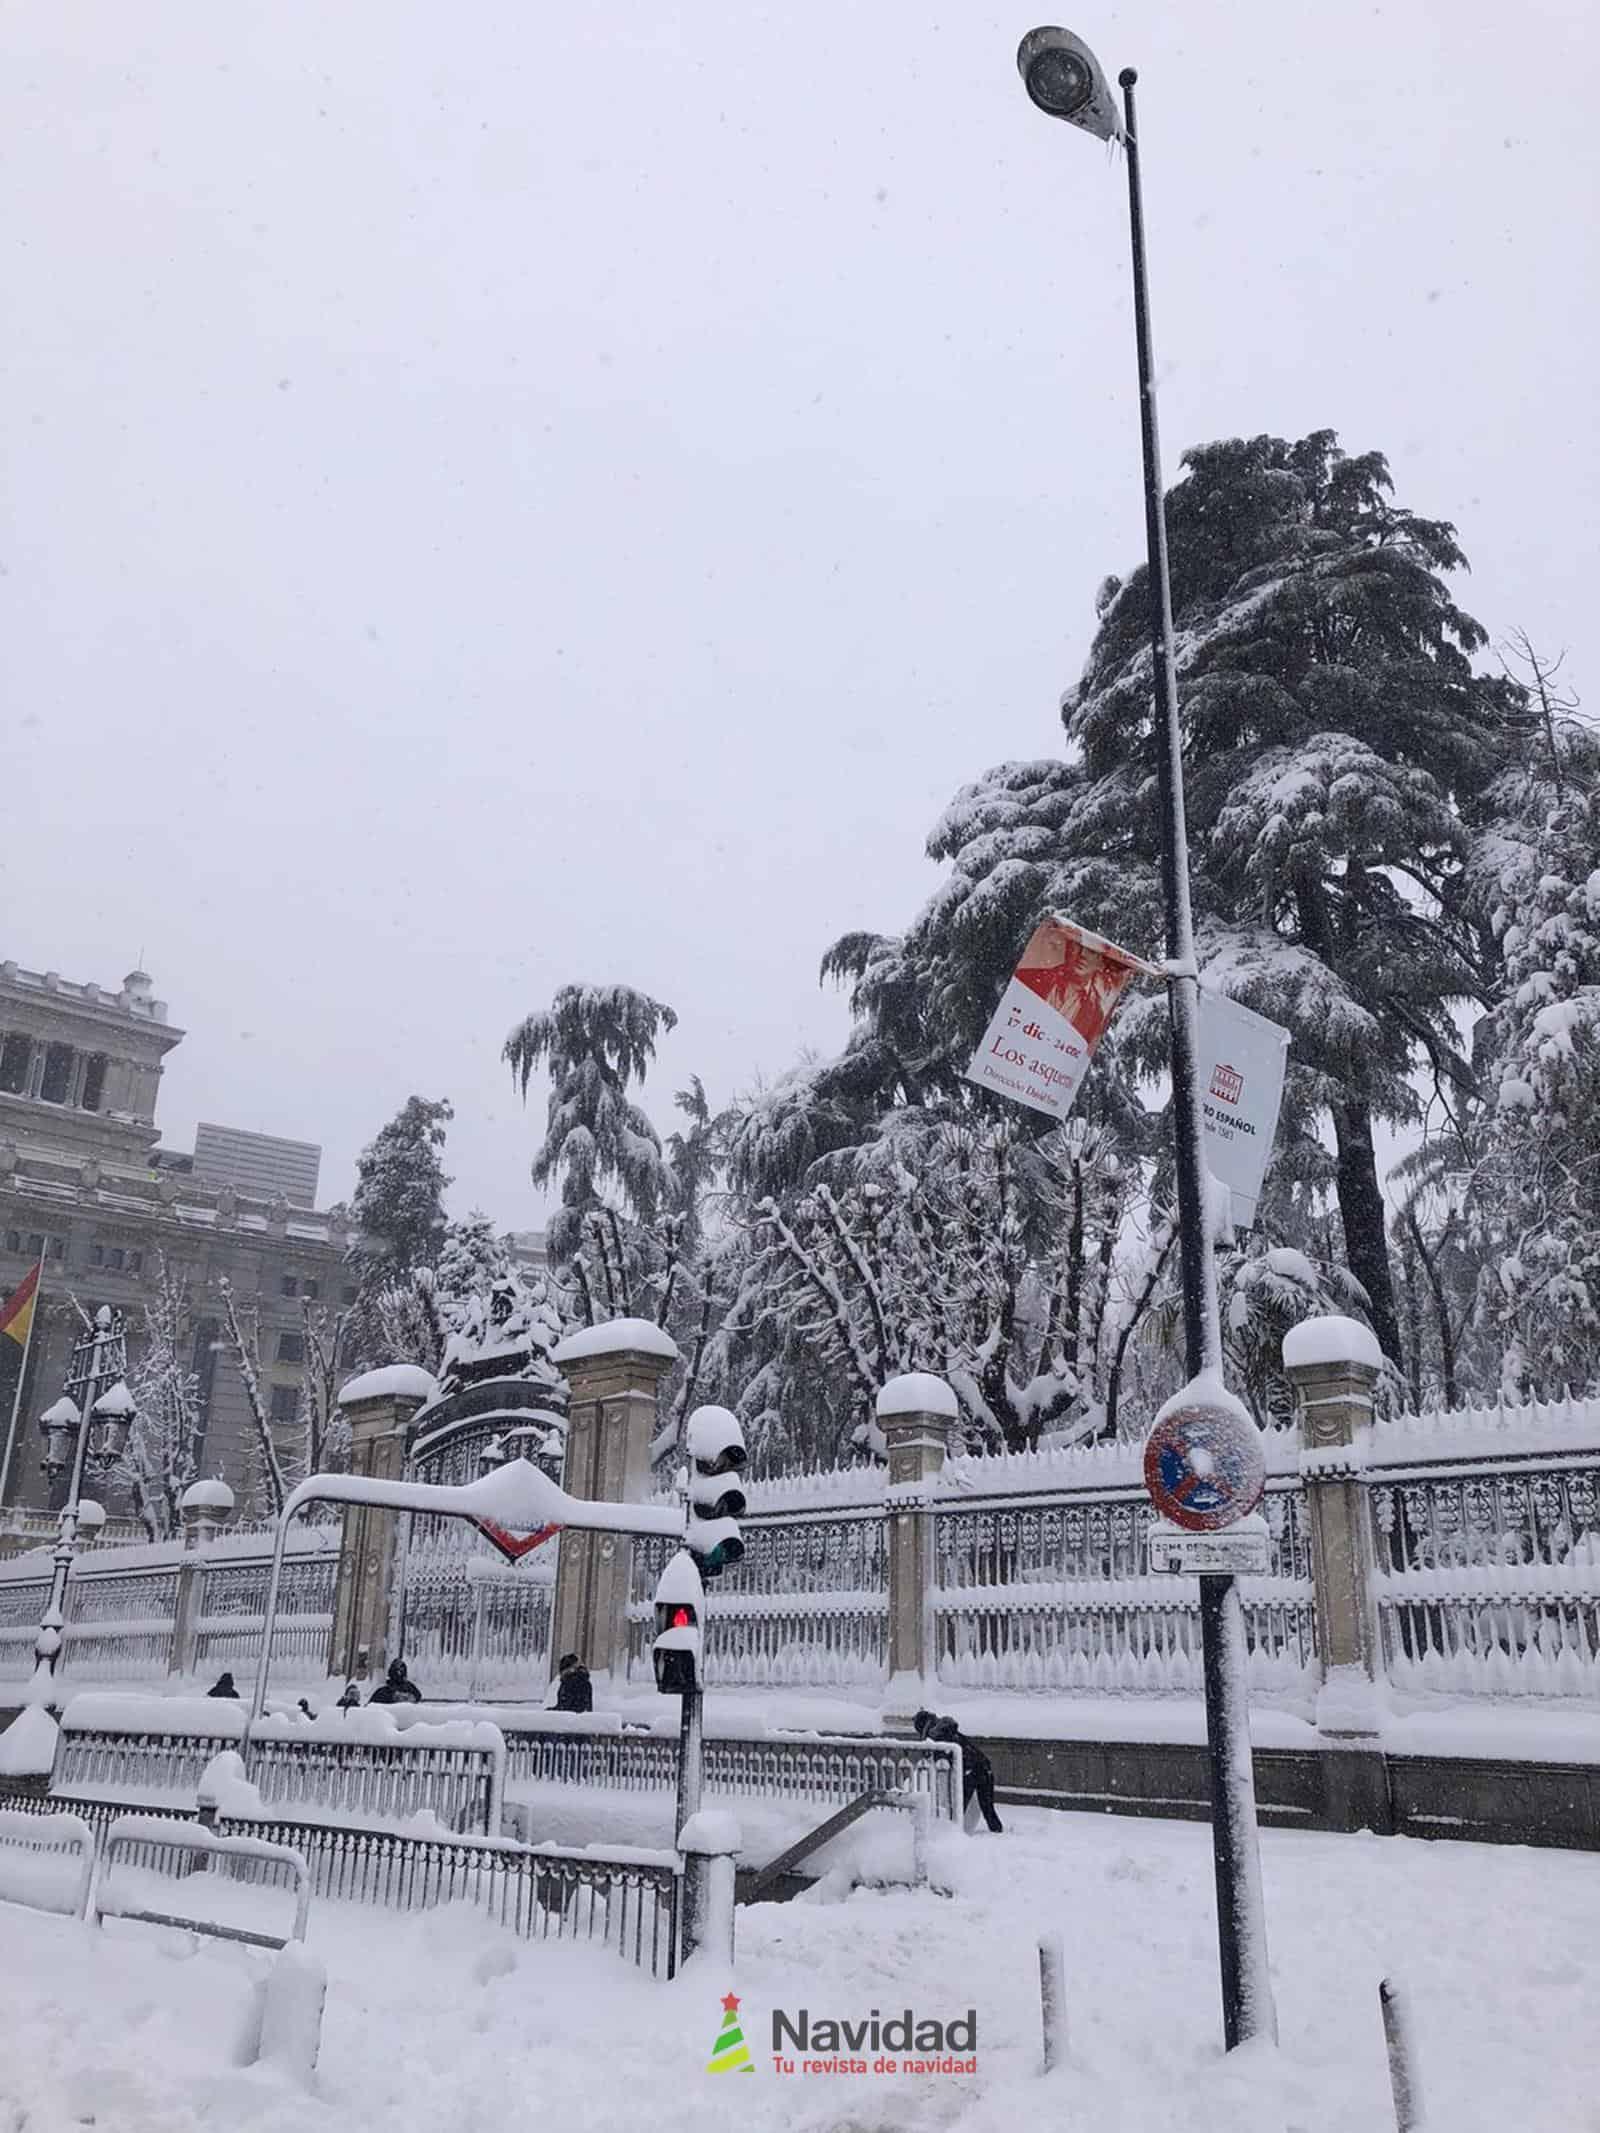 Fotografías de la nevada de enero en Madrid (España) 167